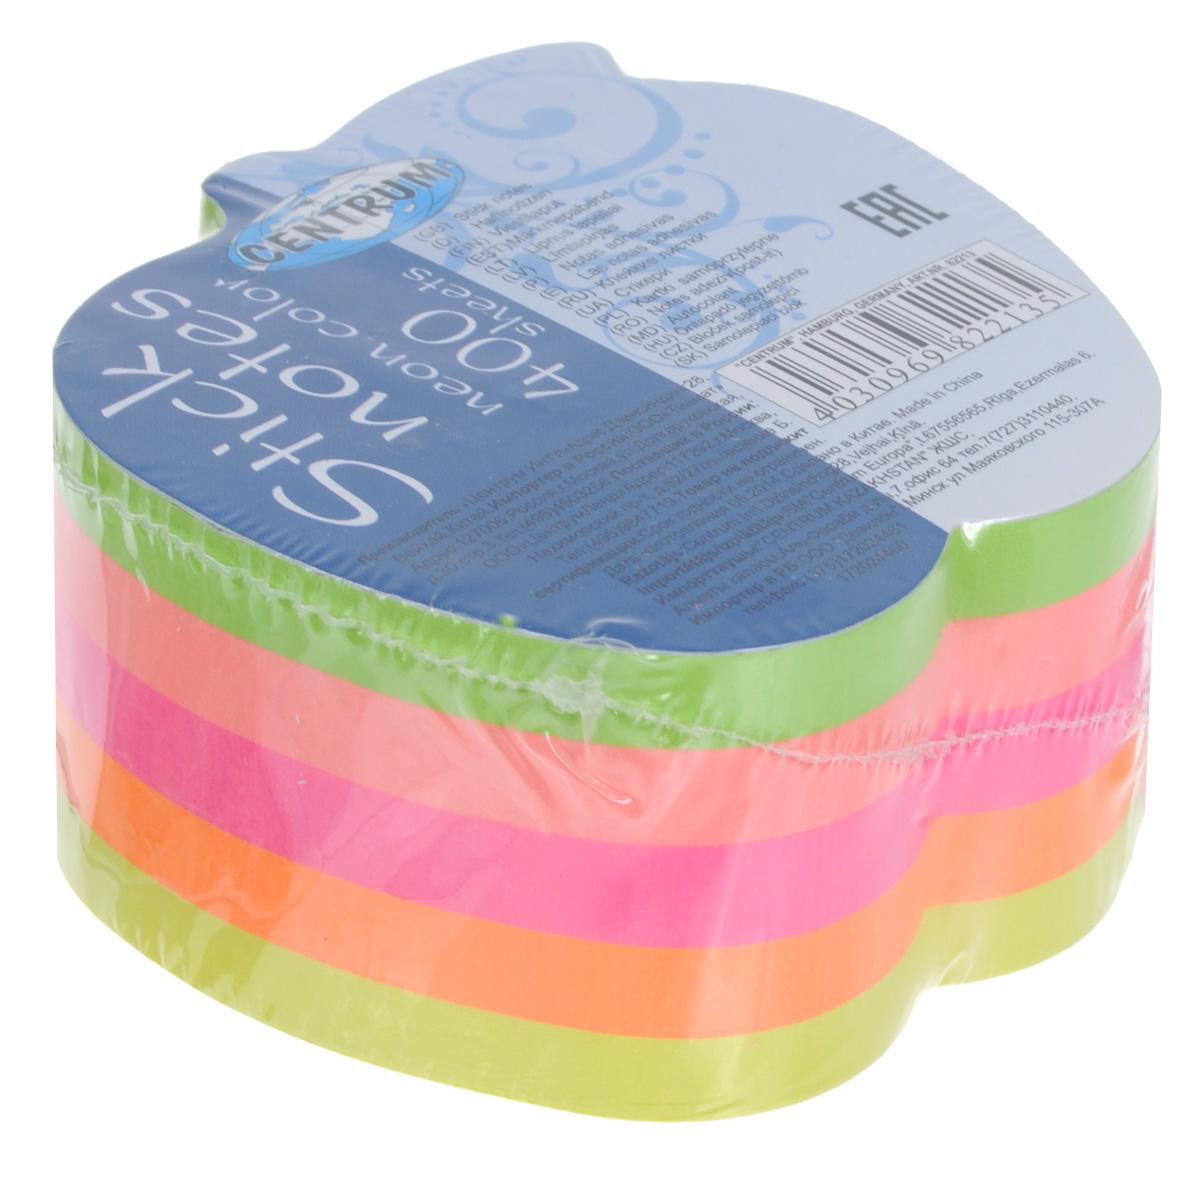 Блок для записей Centrum, с липким слоем, 7,2 см х 7 см0703415Цветная бумага из блока Centrum идеально подойдет для важных пометок и записей. Яркие неоновые оттенки, высокое качество и оригинальный дизайн в форме яблока выделяют предлагаемую бумагу из ряда подобных. Блок состоит из 400 листочков с липким слоем оранжевого, салатового, желтого, розового и ярко-розового цветов (по 80 листочков каждого цвета). В каждом имеется круглое отверстие диаметром 1,2 см.